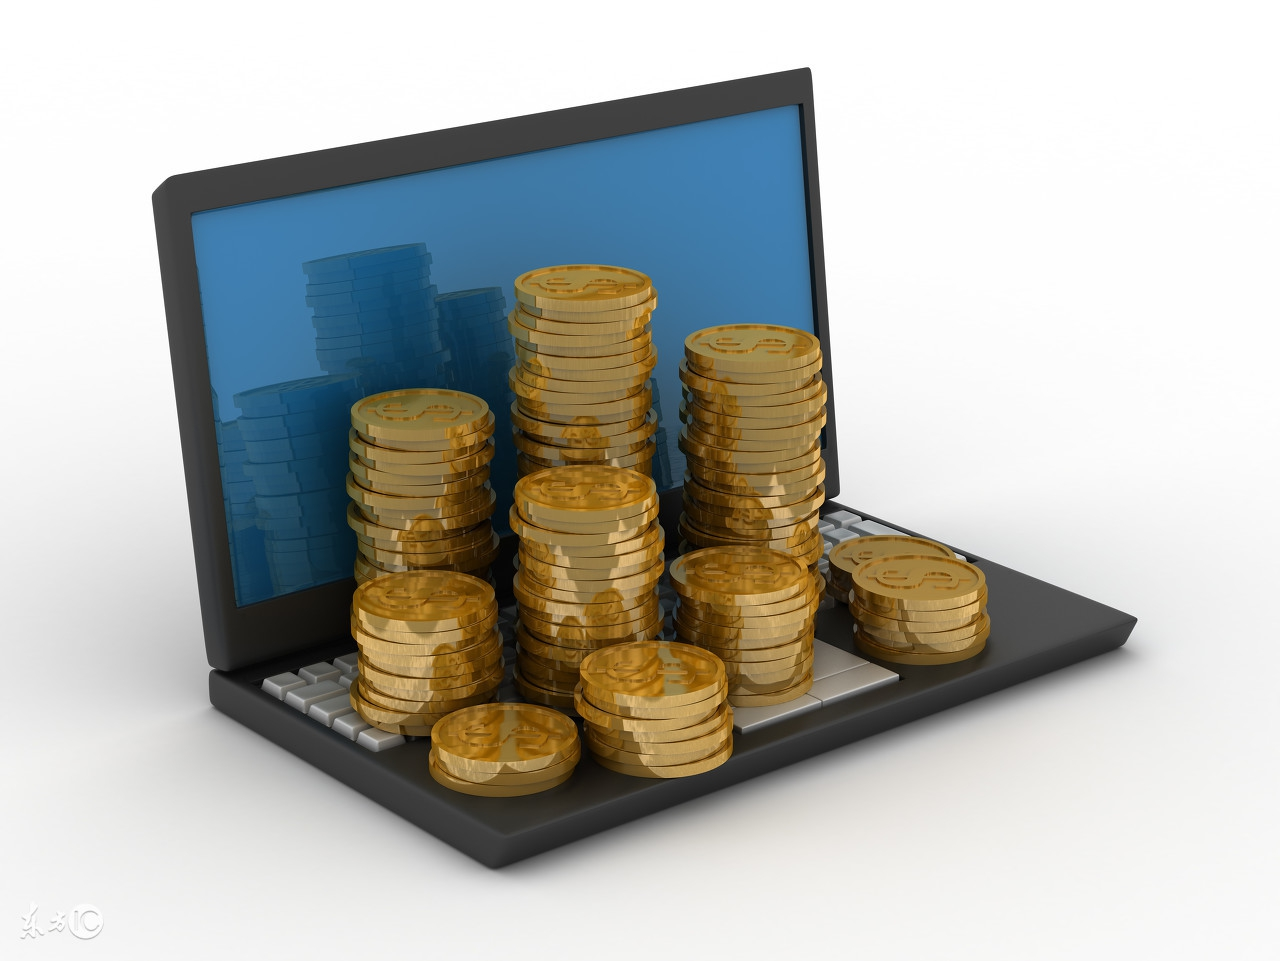 怎样利用业余时间在互联网上做兼职,做到月入上万?(值得收藏)